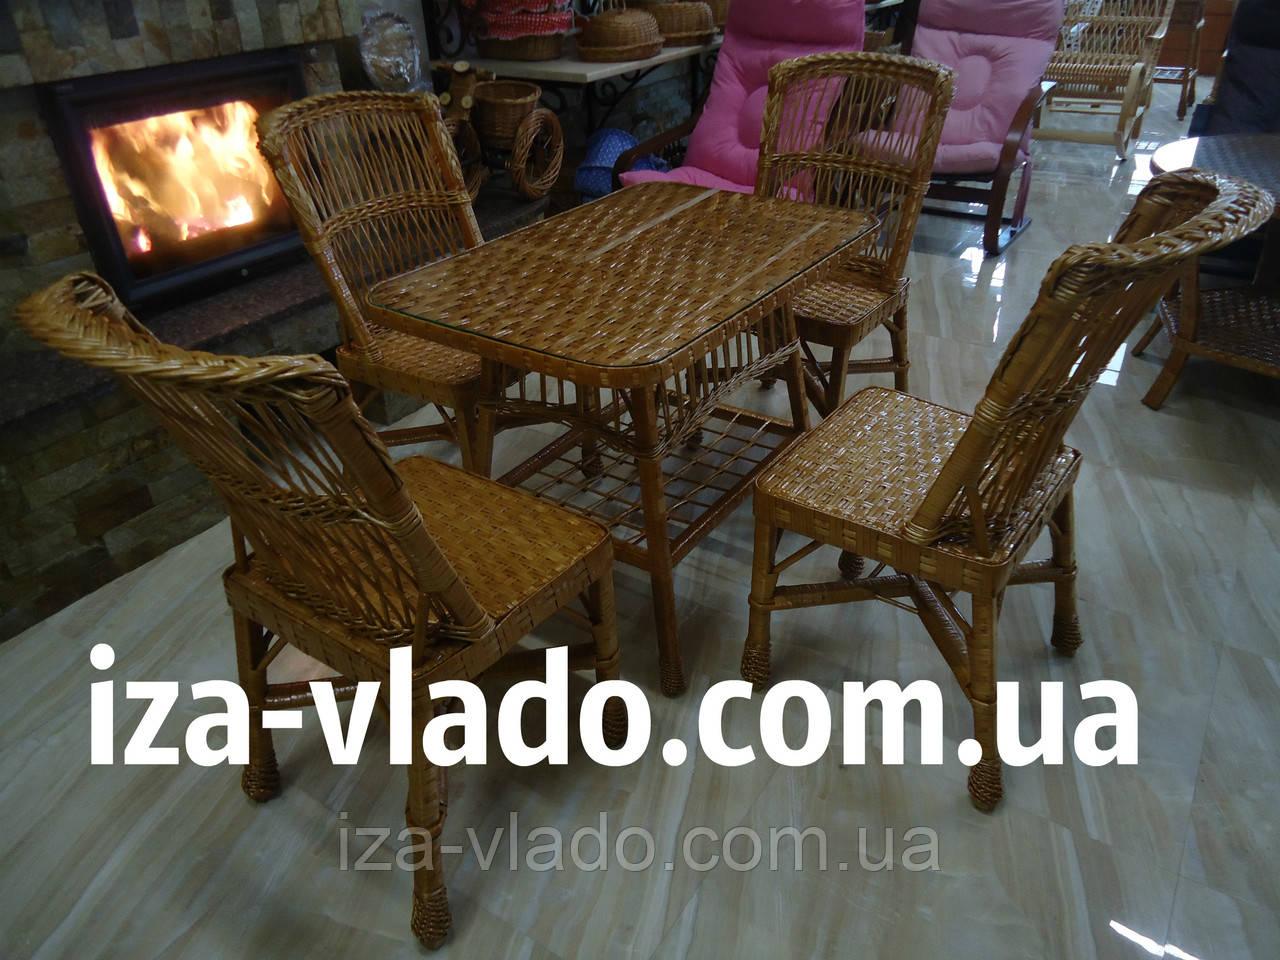 Плетеная мебель из лозы для кухни — прямоугольный стол и 4 стула